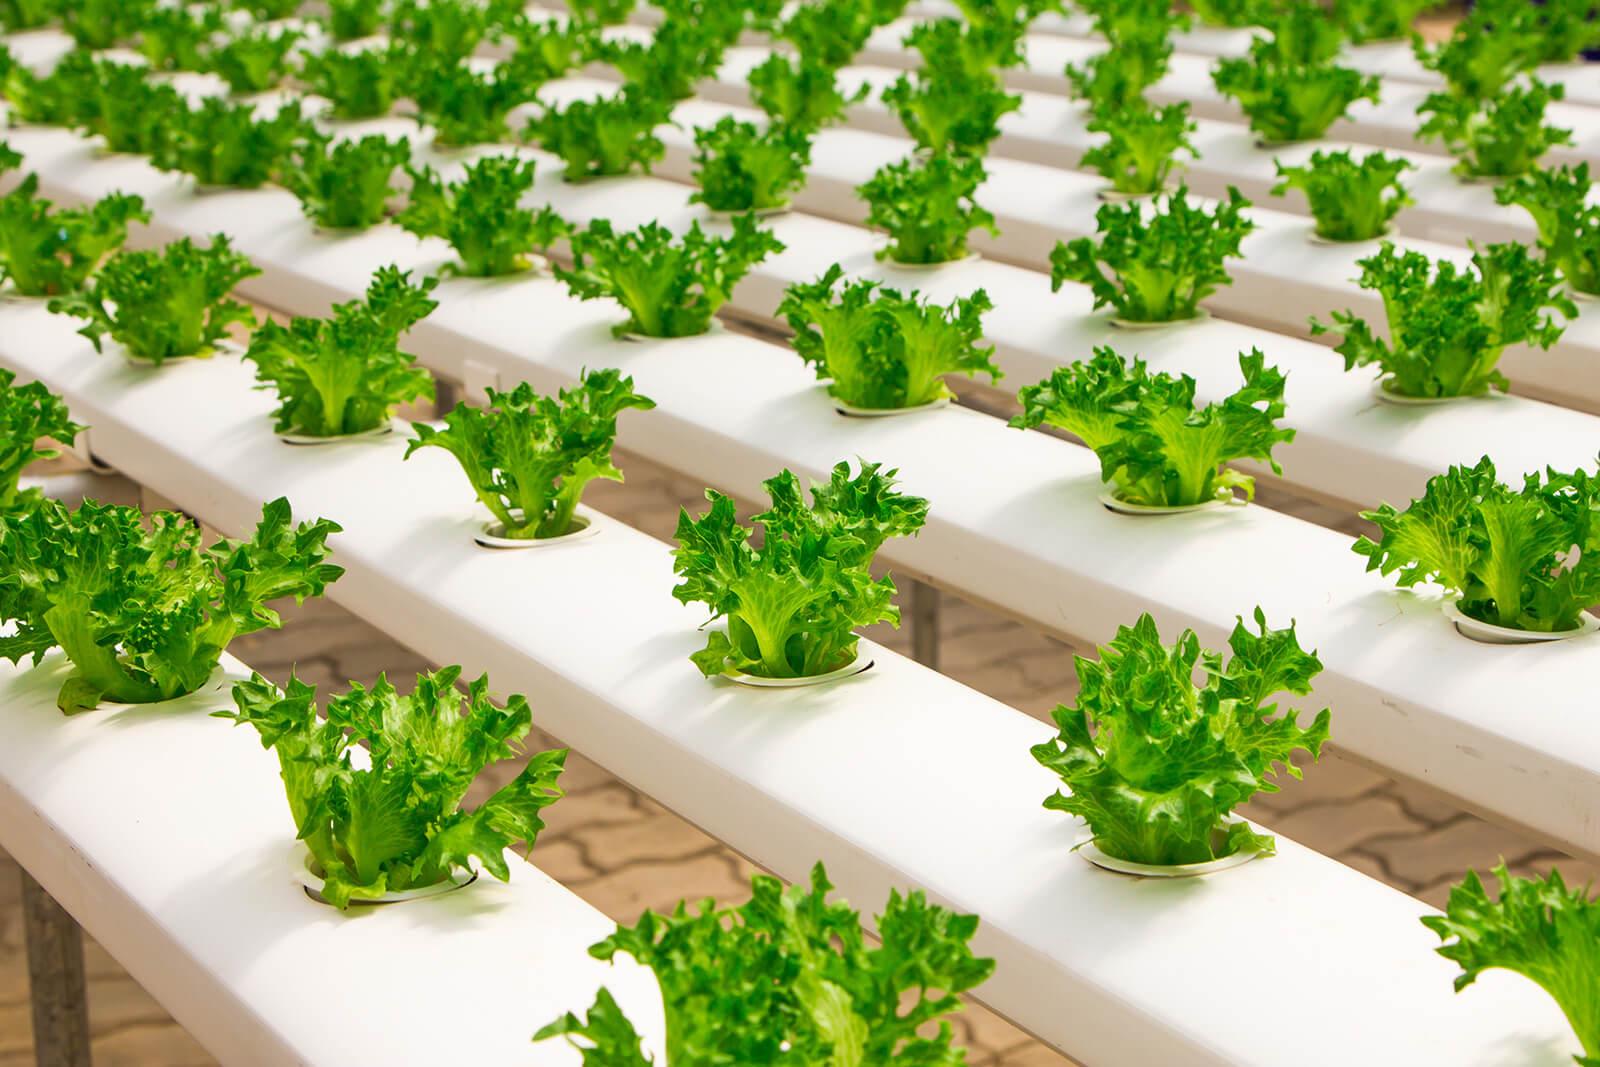 landbouwsubsidies - landbouwsubsidies